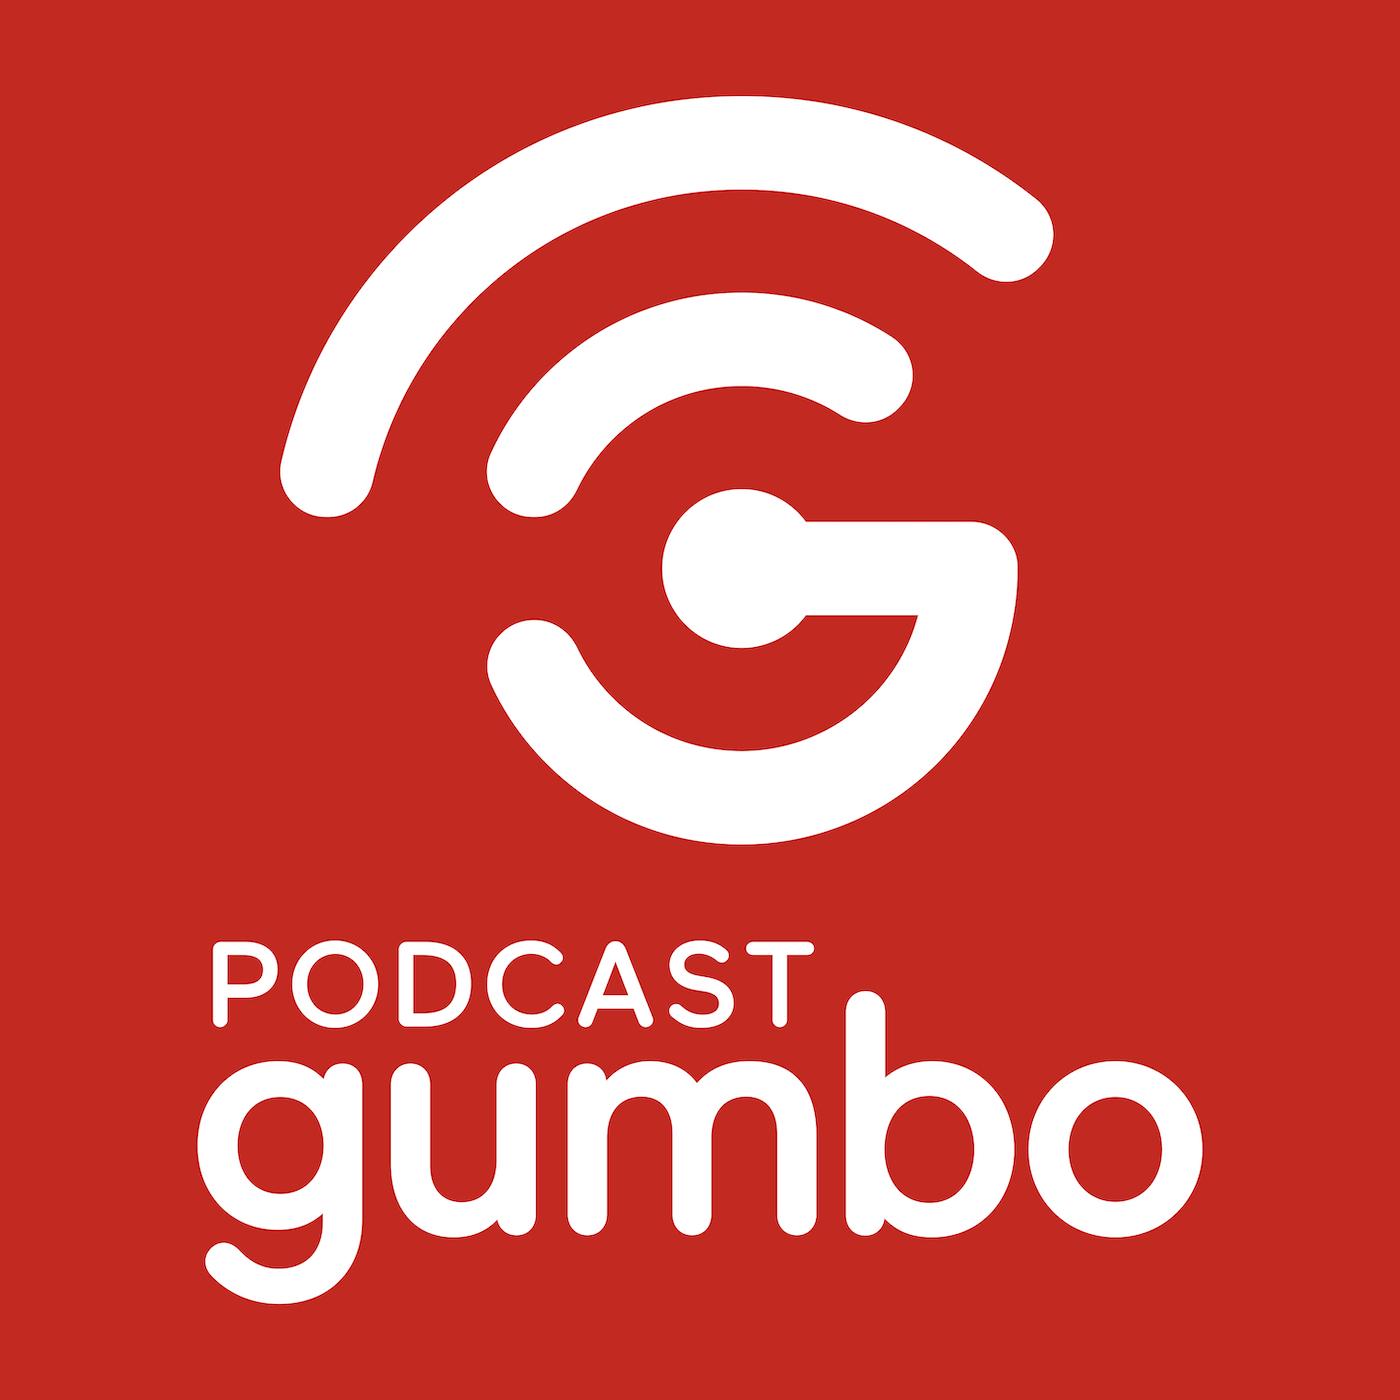 Artwork for podcast Podcast Gumbo